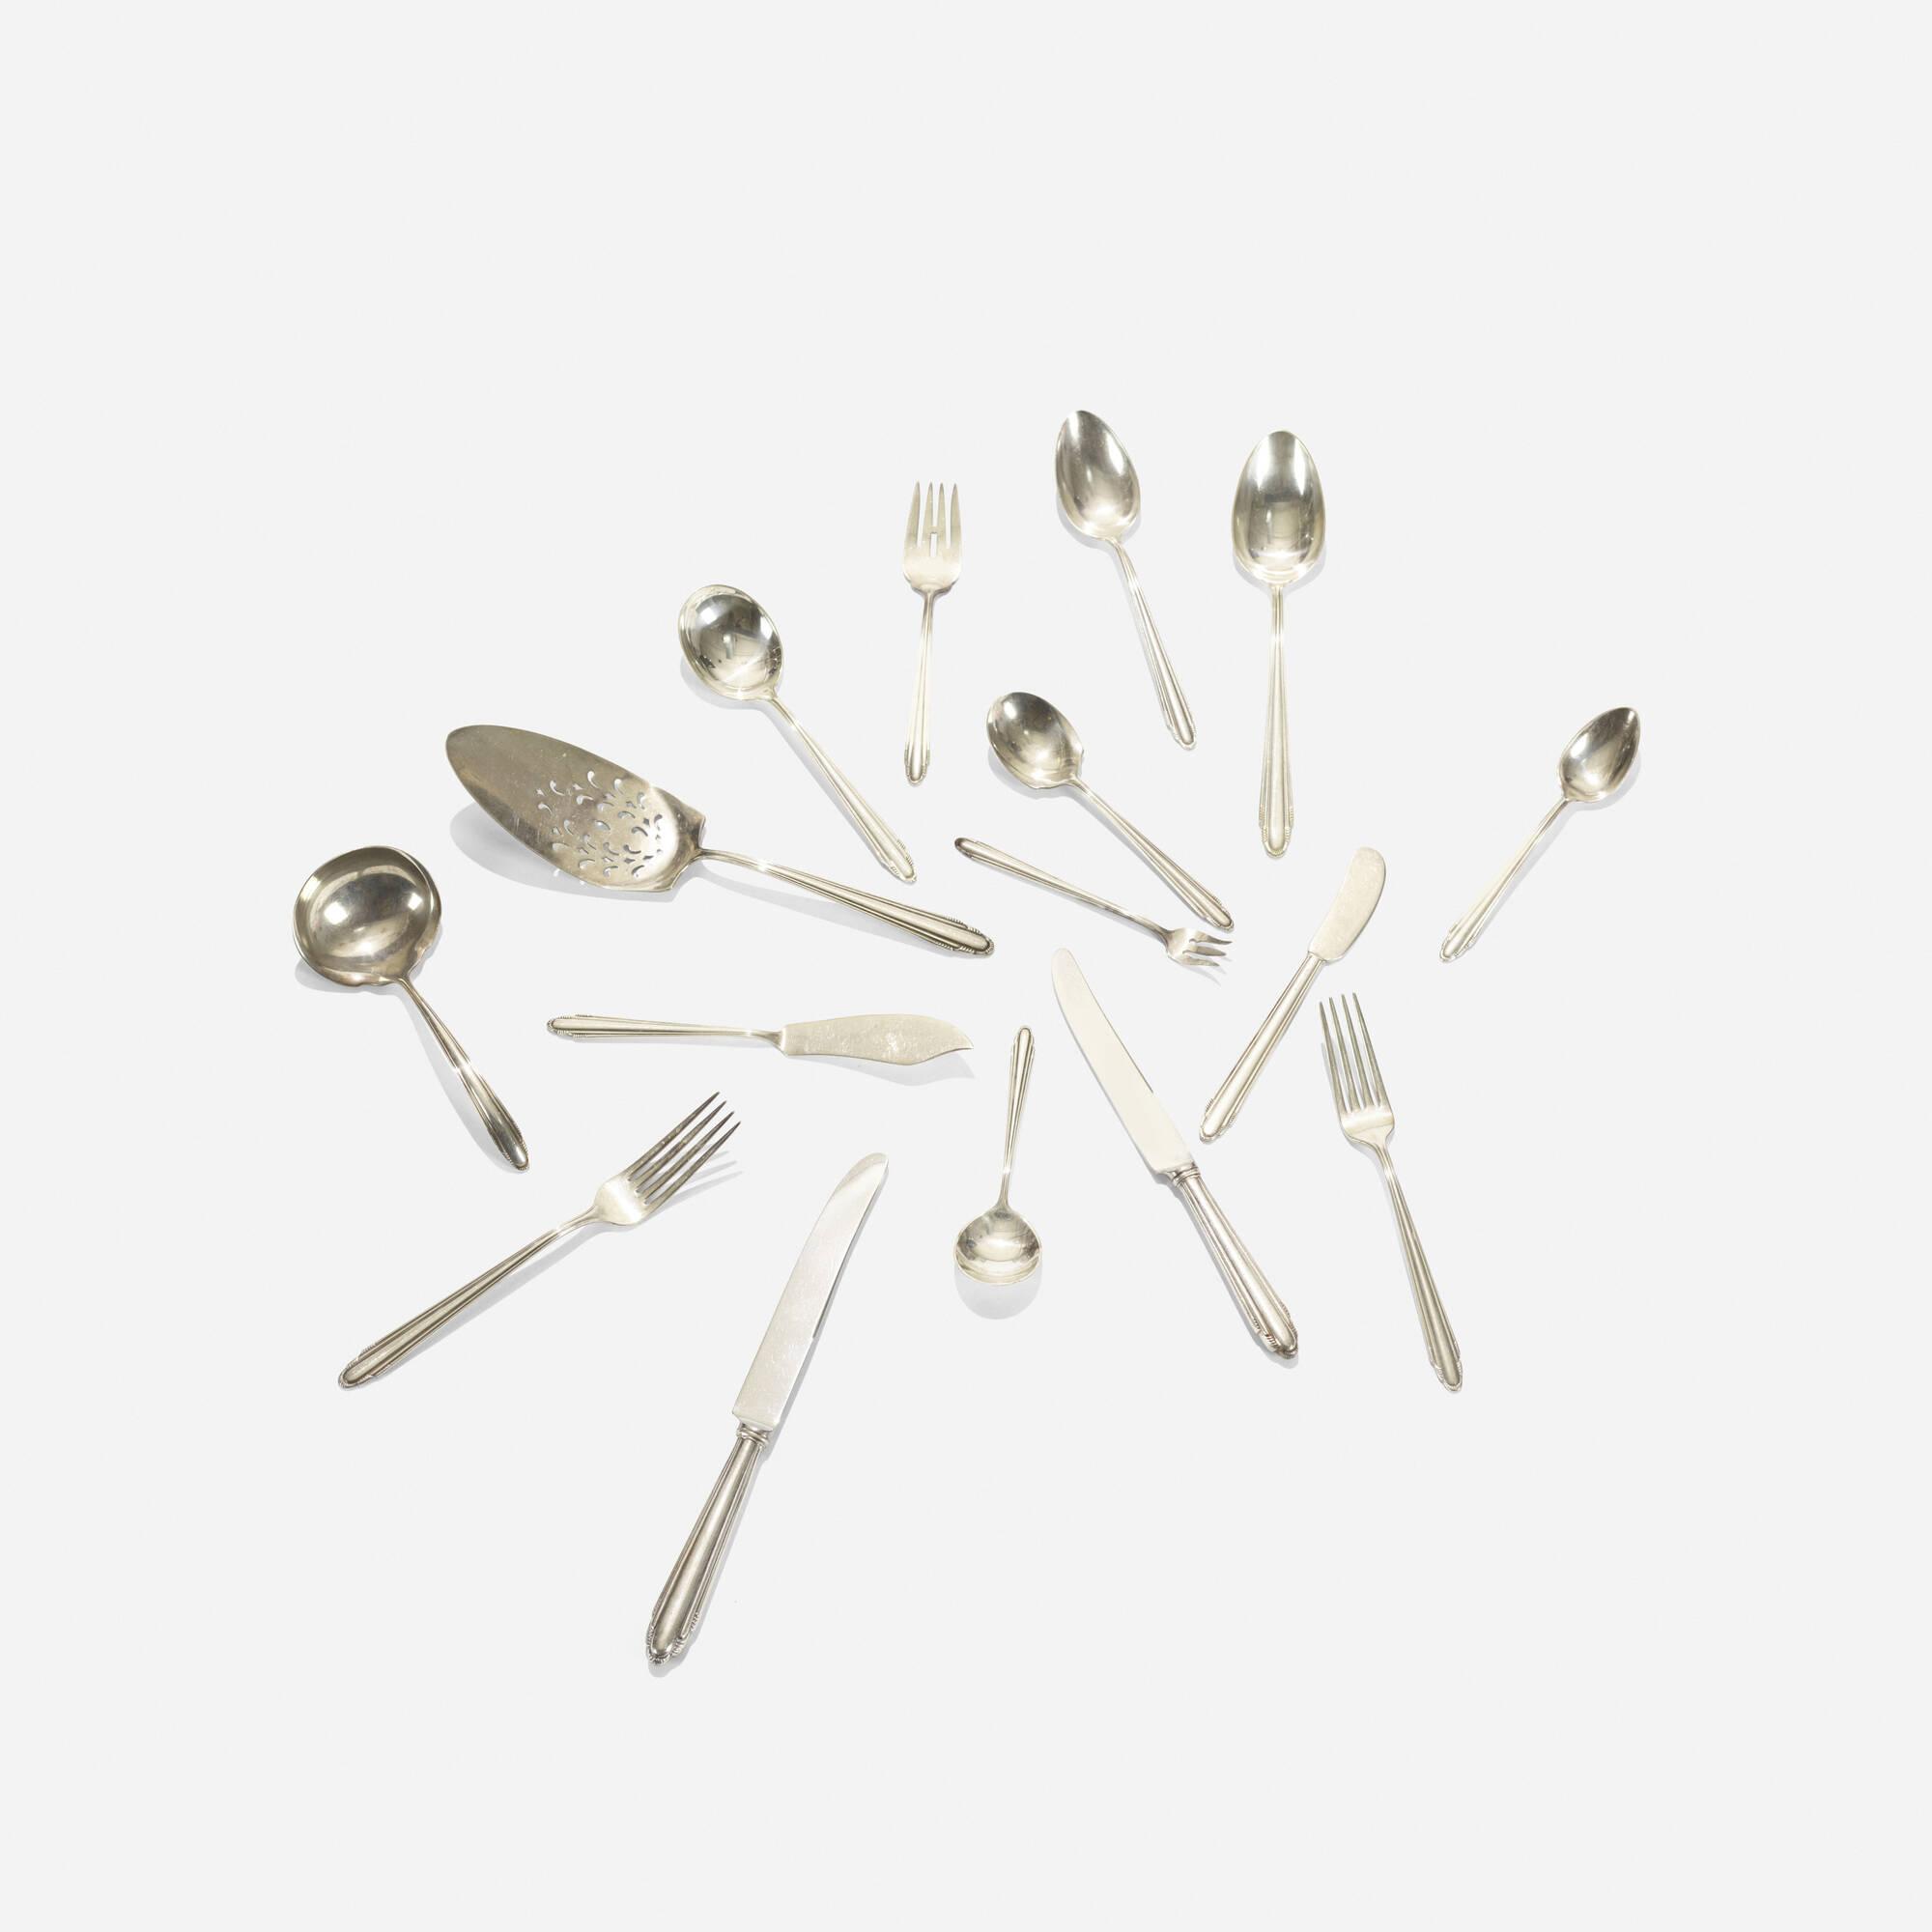 176: Eliel Saarinen / Candide flatware (2 of 3)